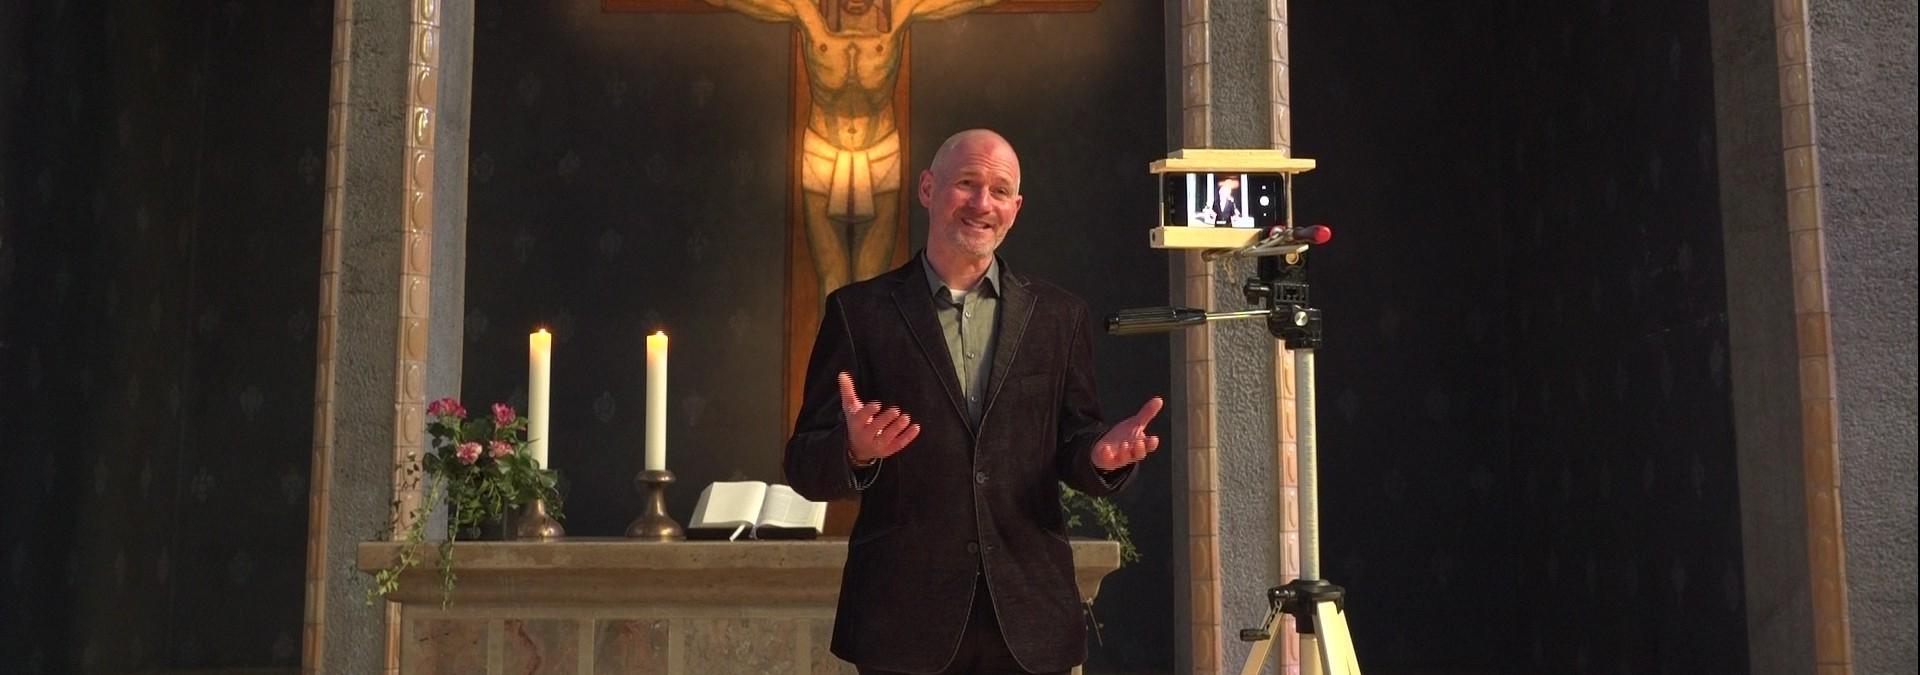 Gottesdienst vor leeren Kirchenbänken